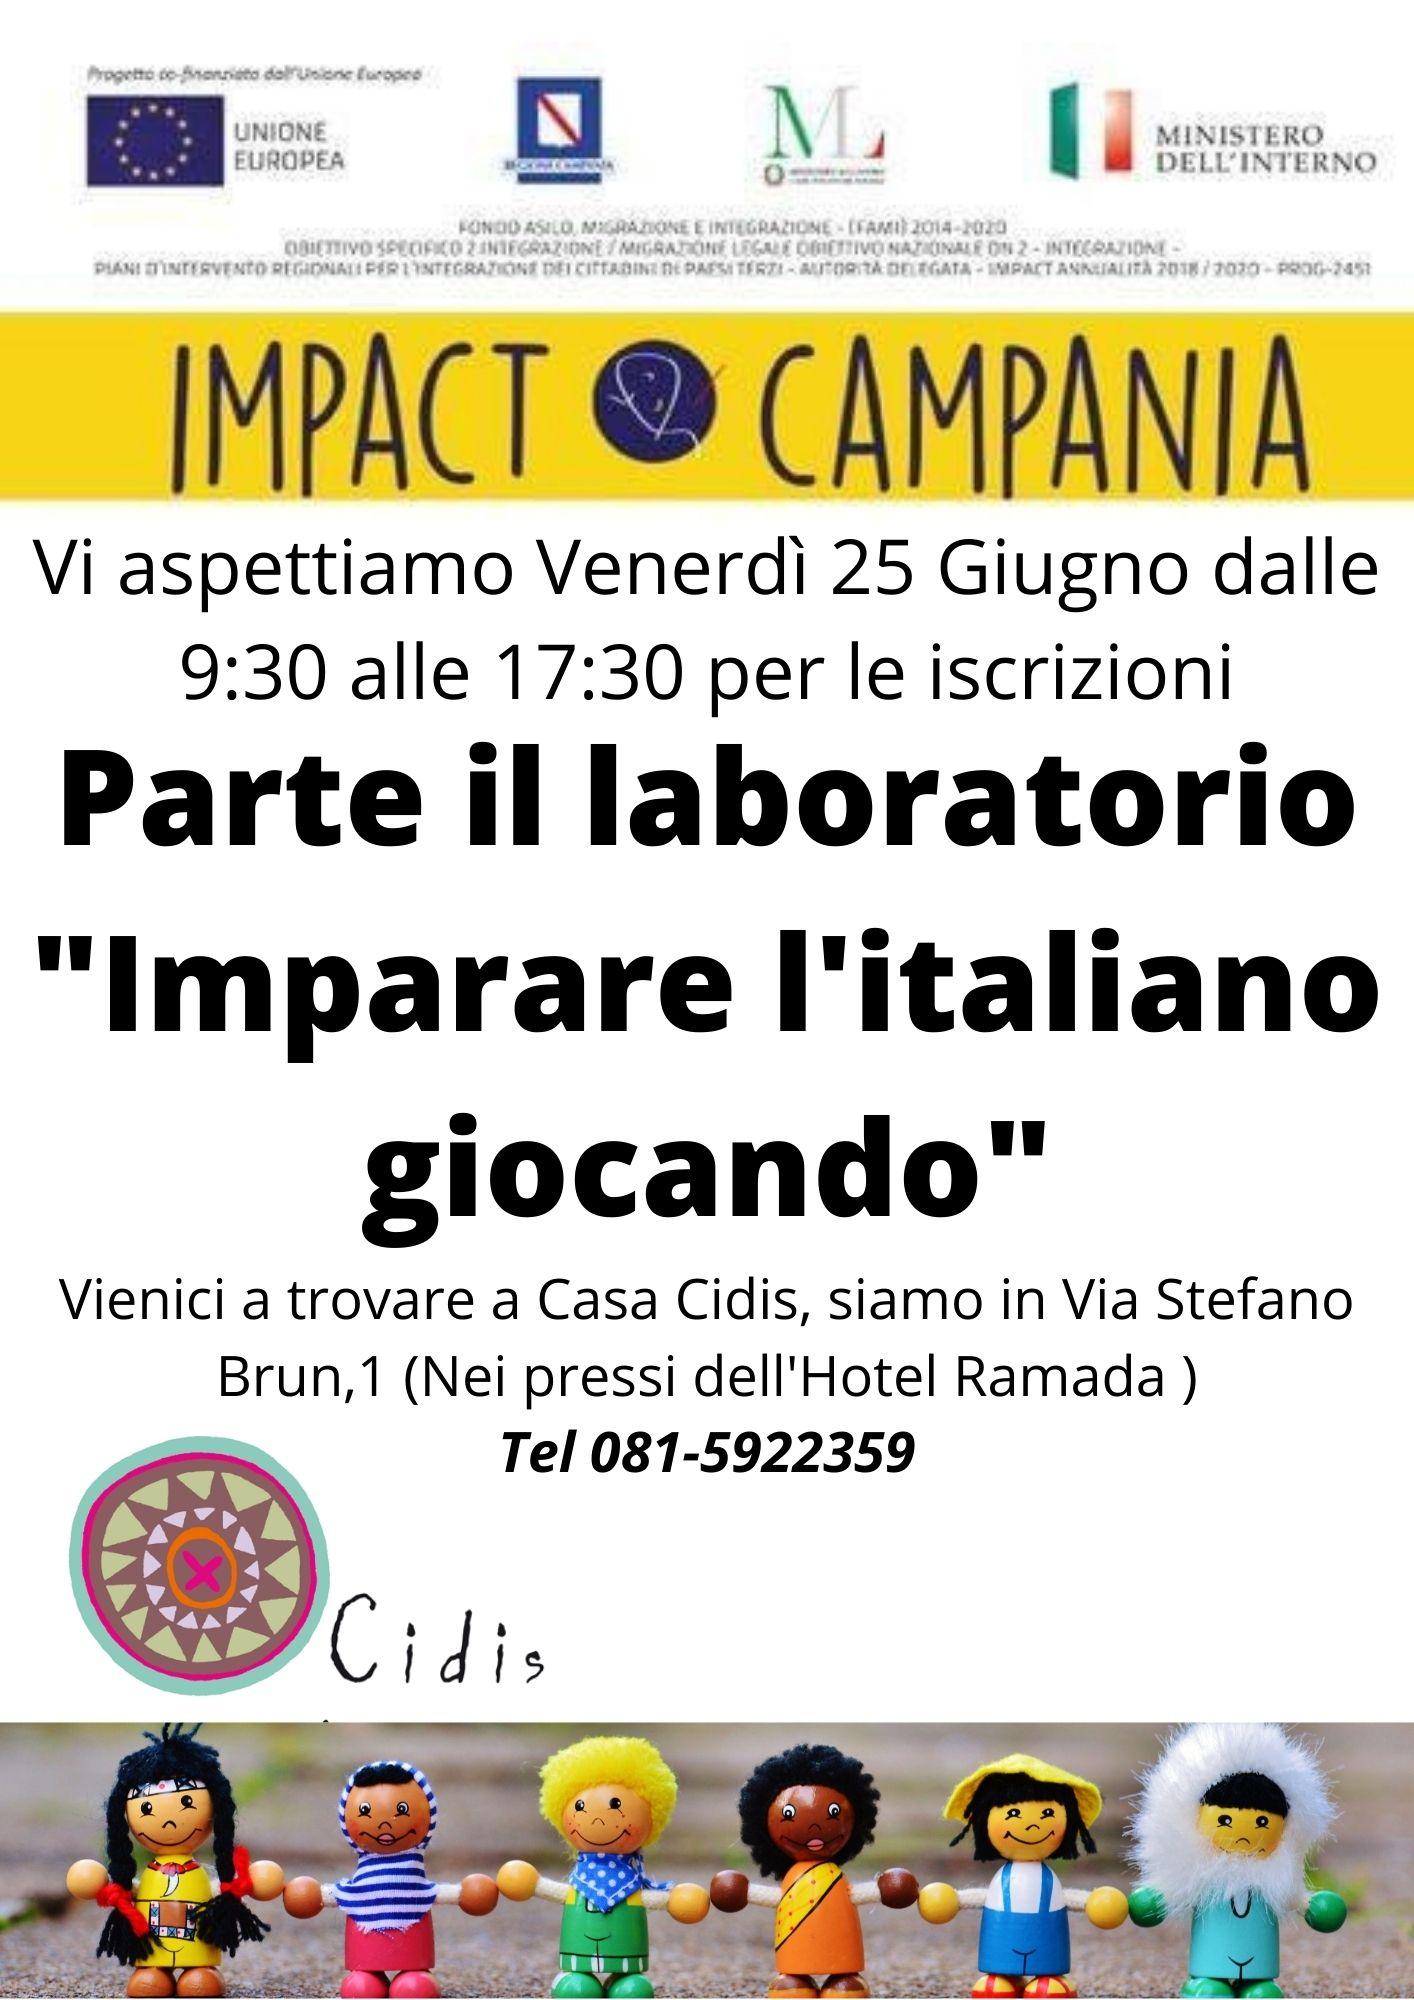 Impariamo l'italiano giocando: il 25 giugno open day a Casa Cidis per iscriversi